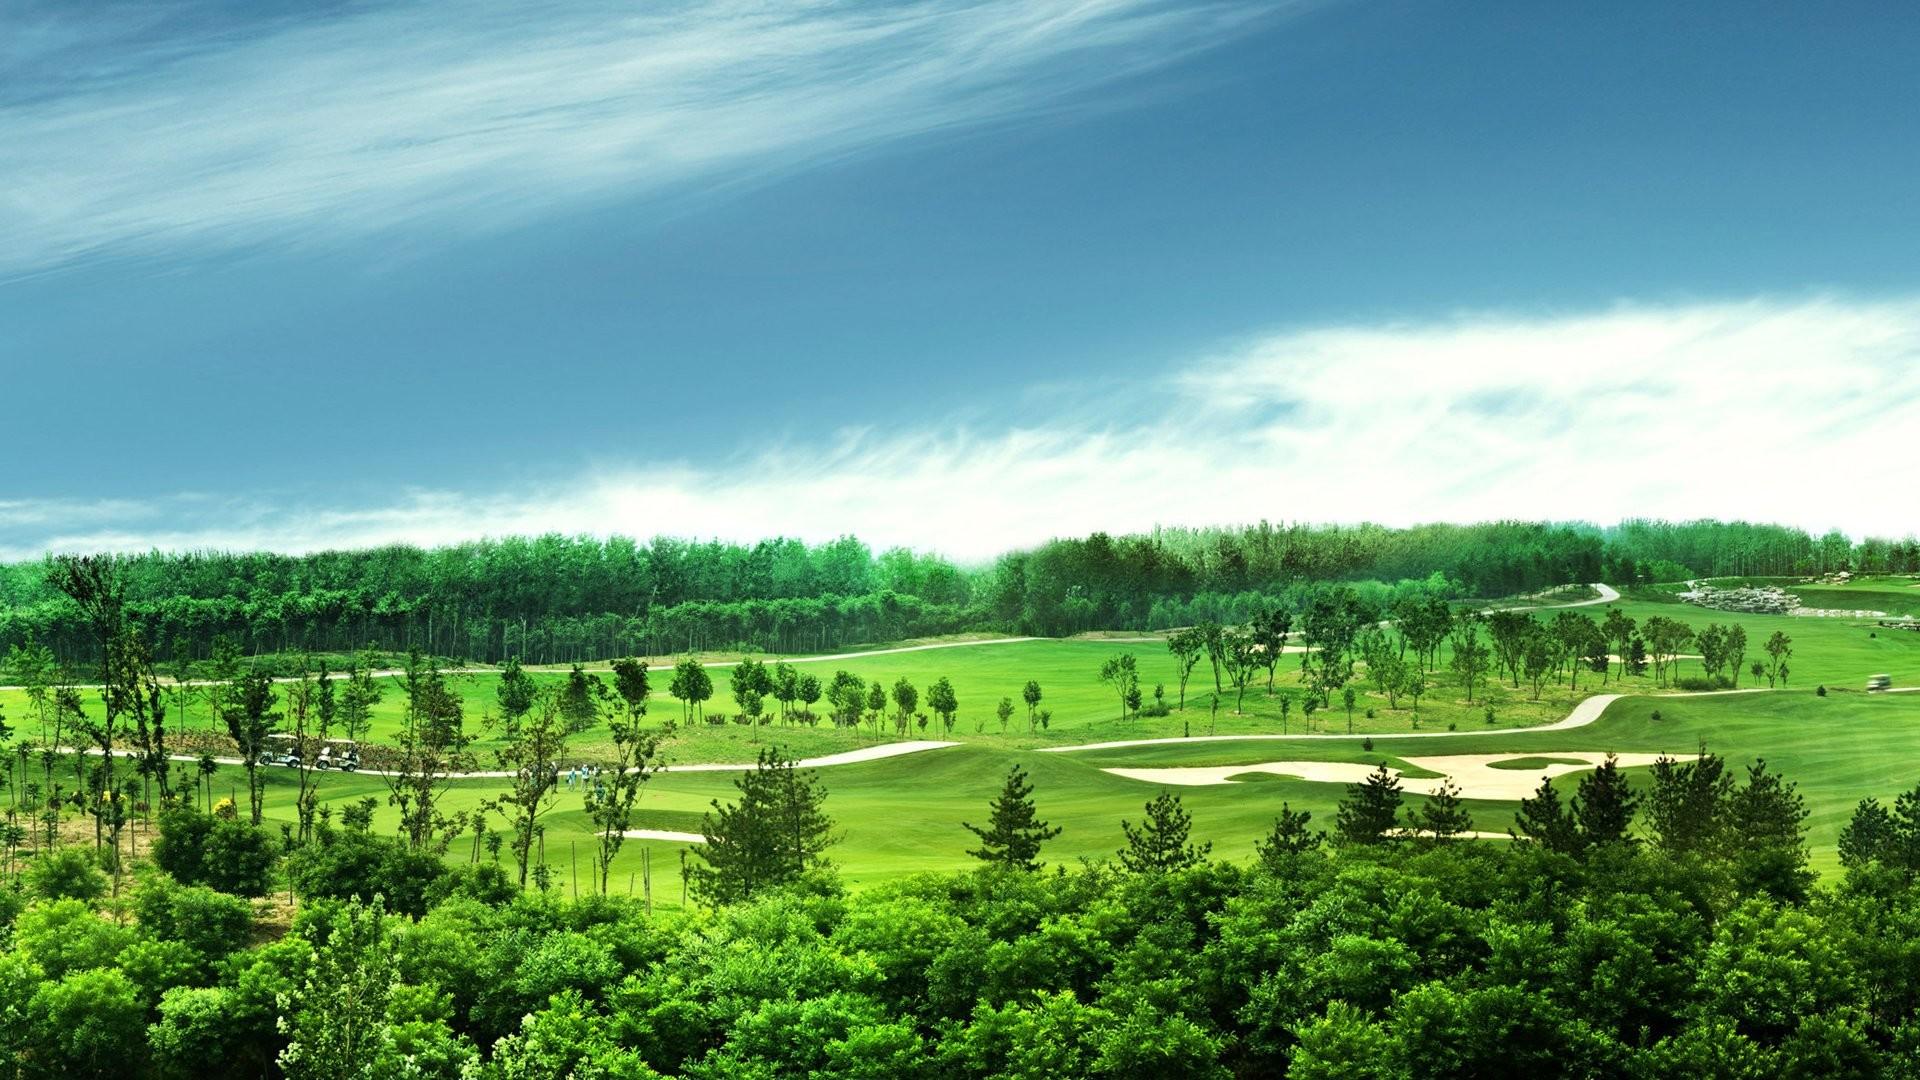 Res: 1920x1080, 3. golf-iphone-wallpaper-HD3-600x338